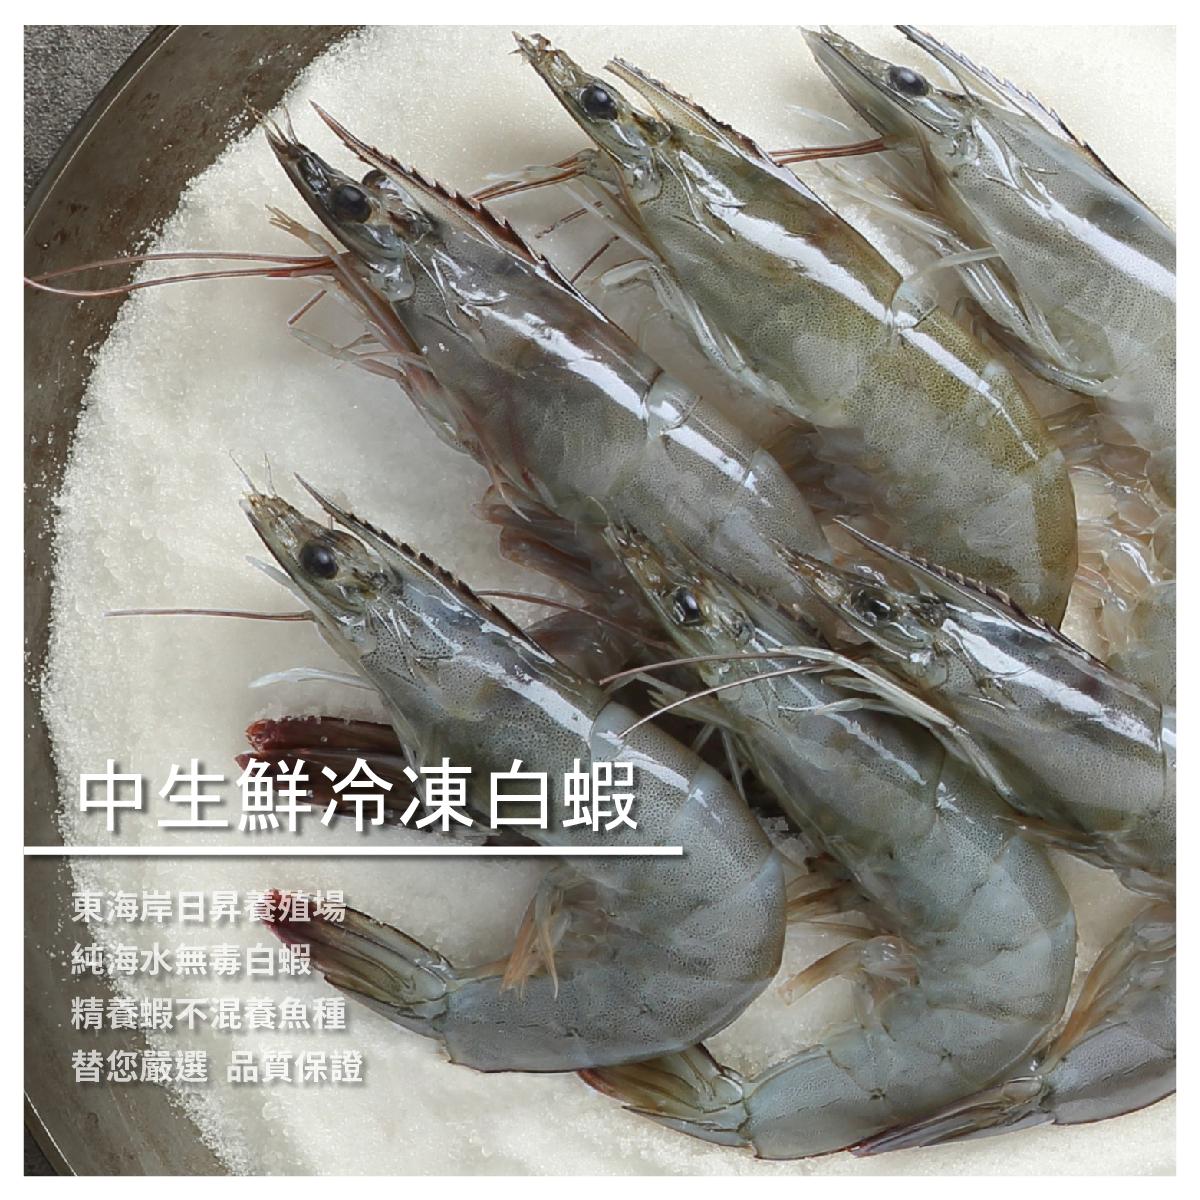 【洋昇水產】中生鮮冷凍白蝦300g/盒